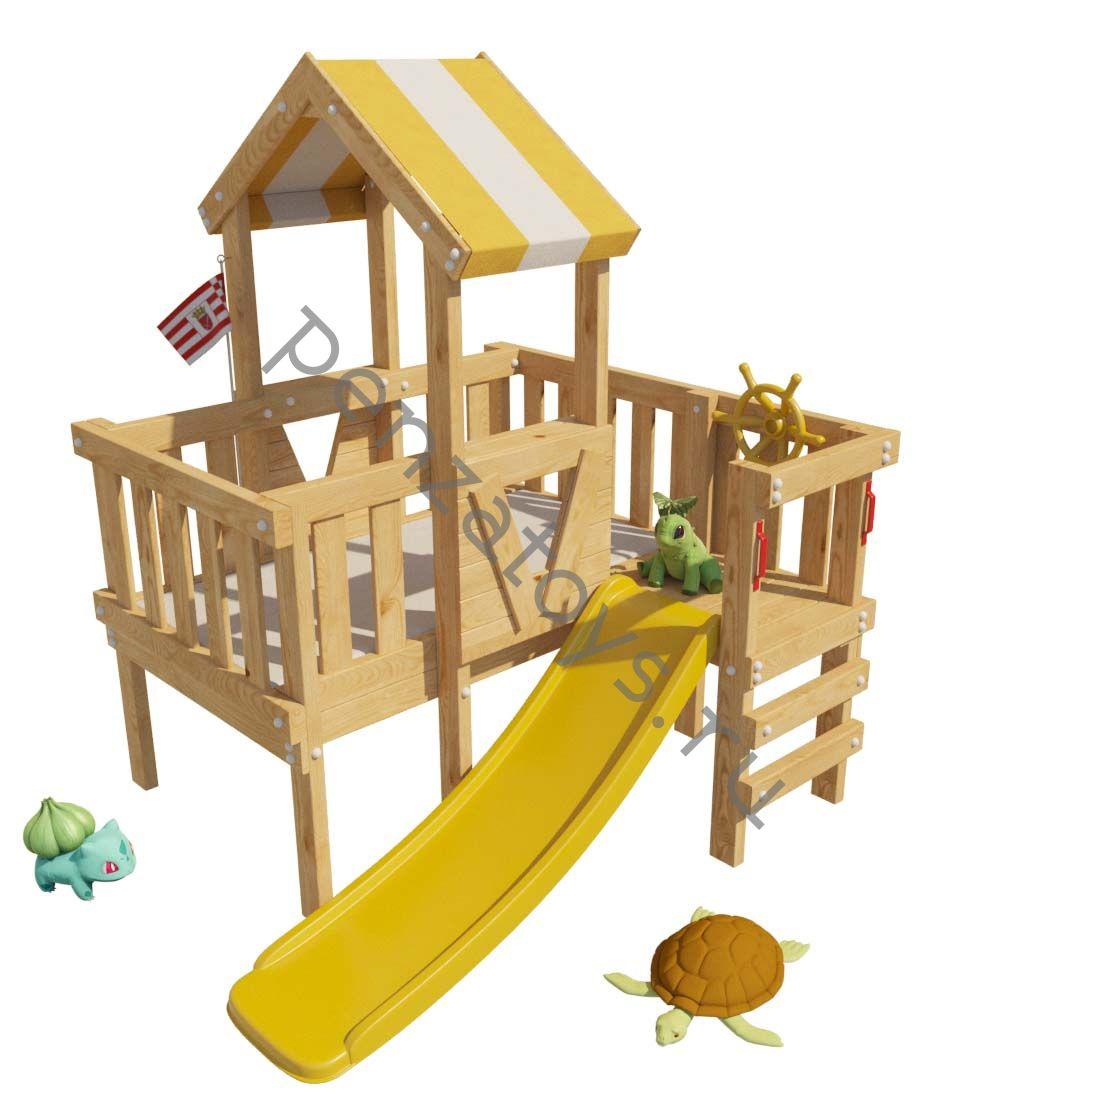 Детская игровая площадка/чердак СКУБИ для дома и дачи